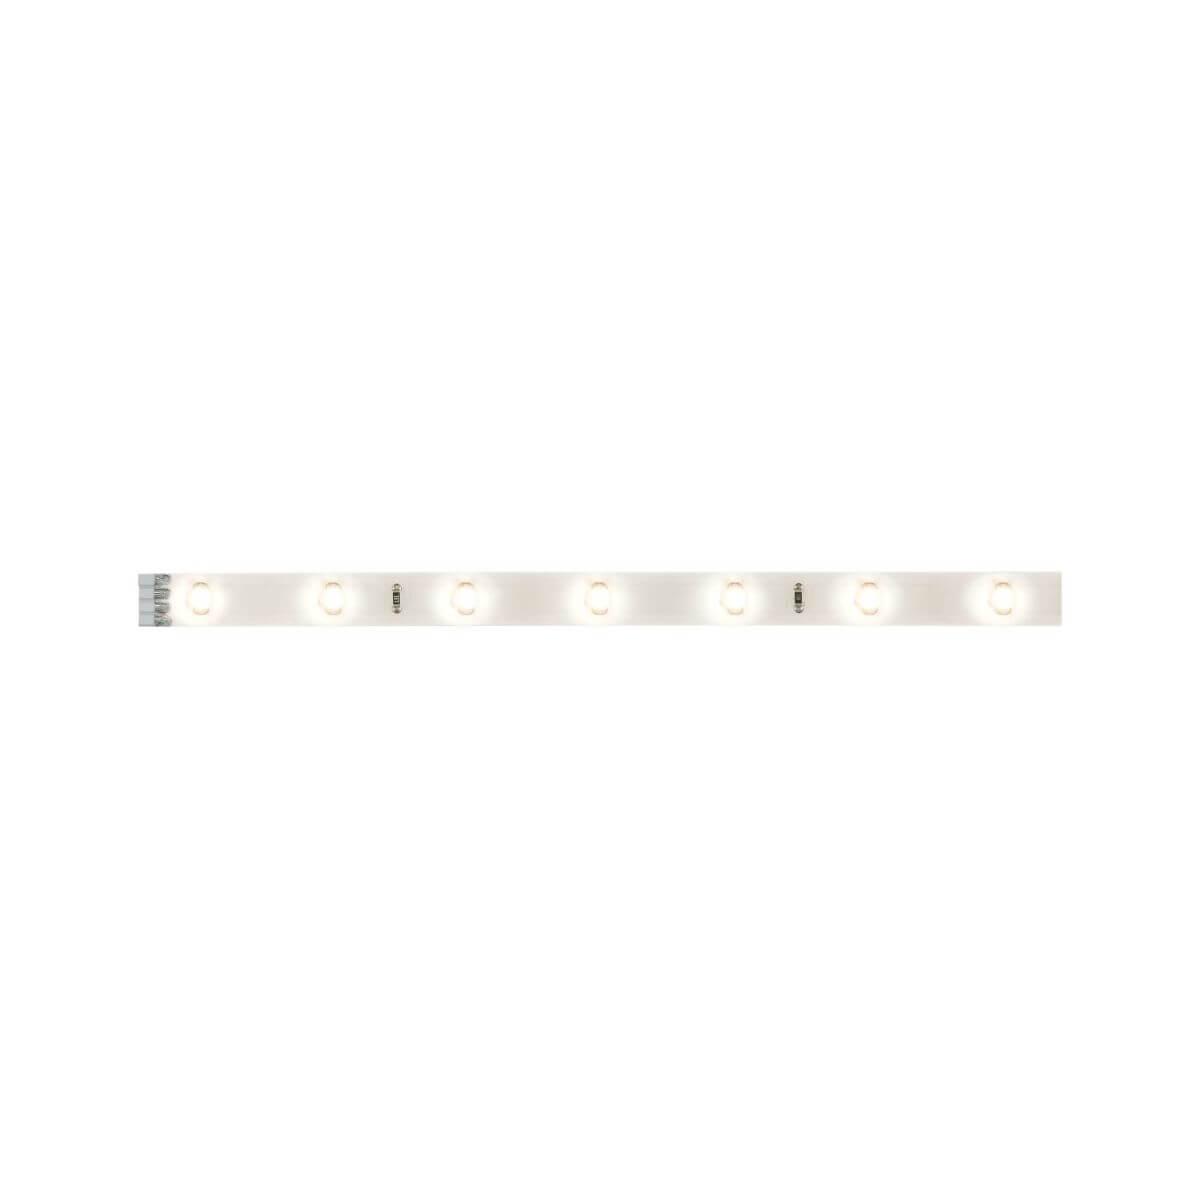 Paulmann YourLED Stripe 97 cm Warmweiß IP44 Weiß, klar beschichtet